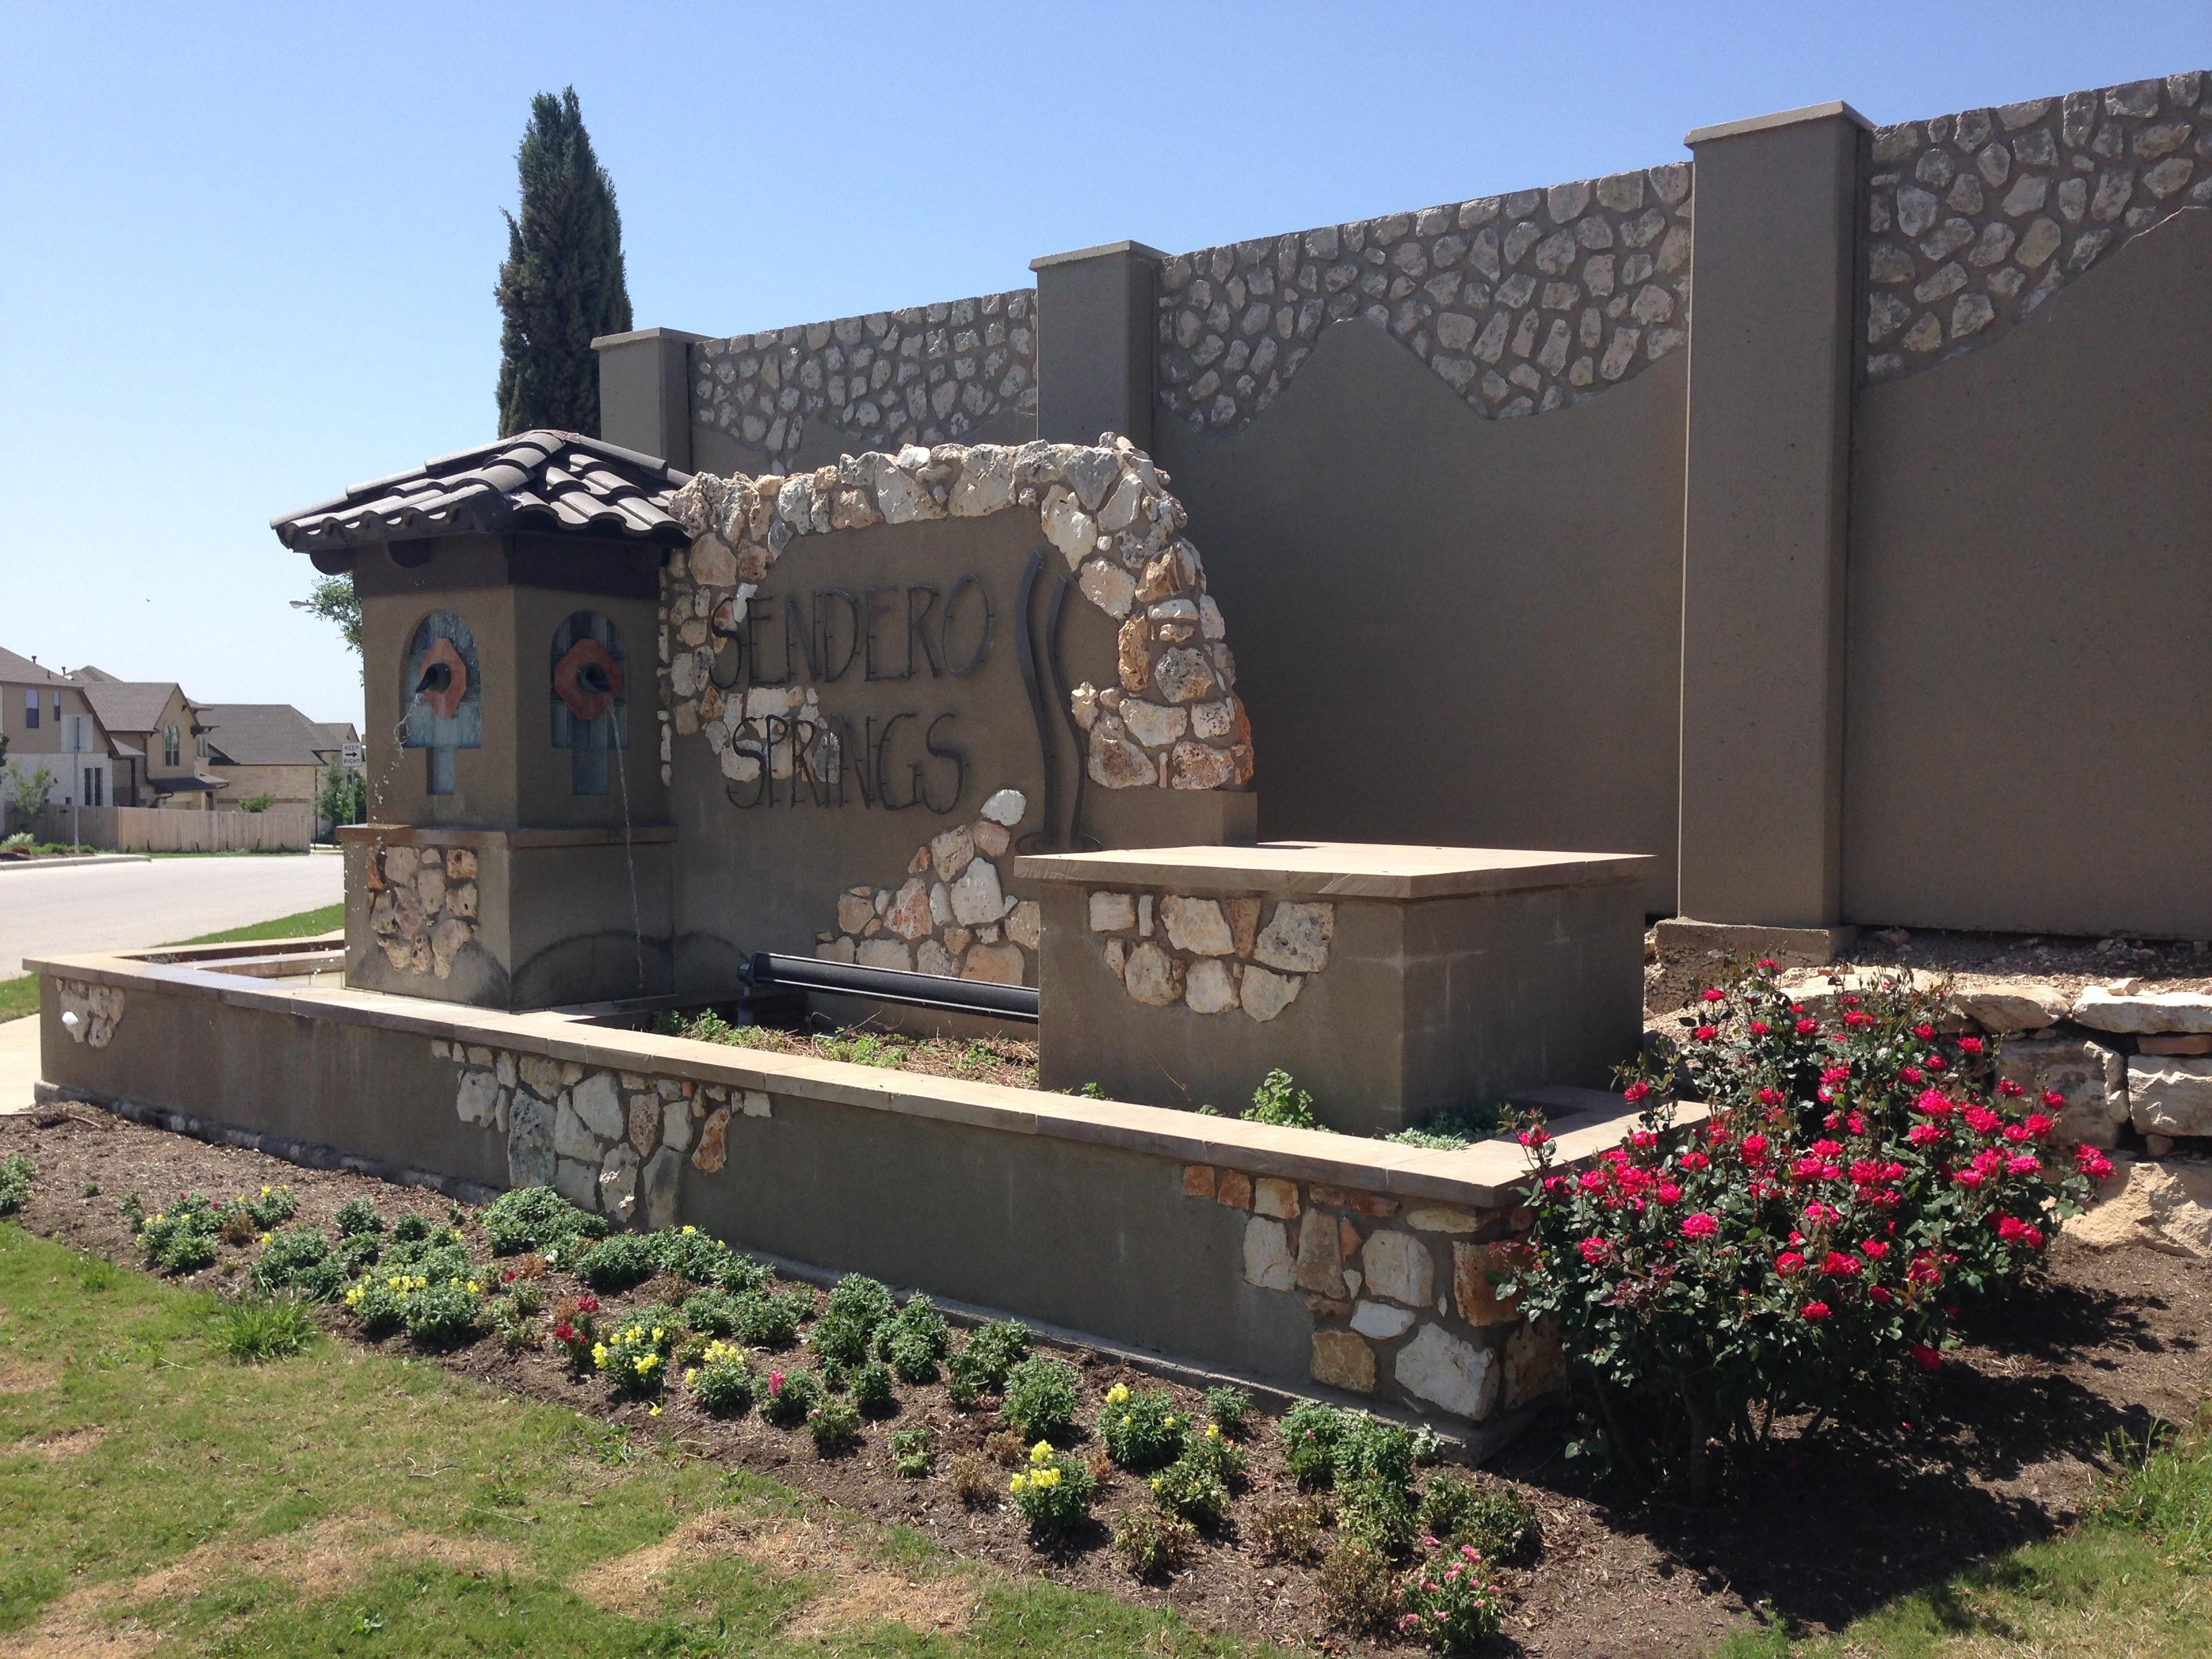 Entrance to Sendoro Springs